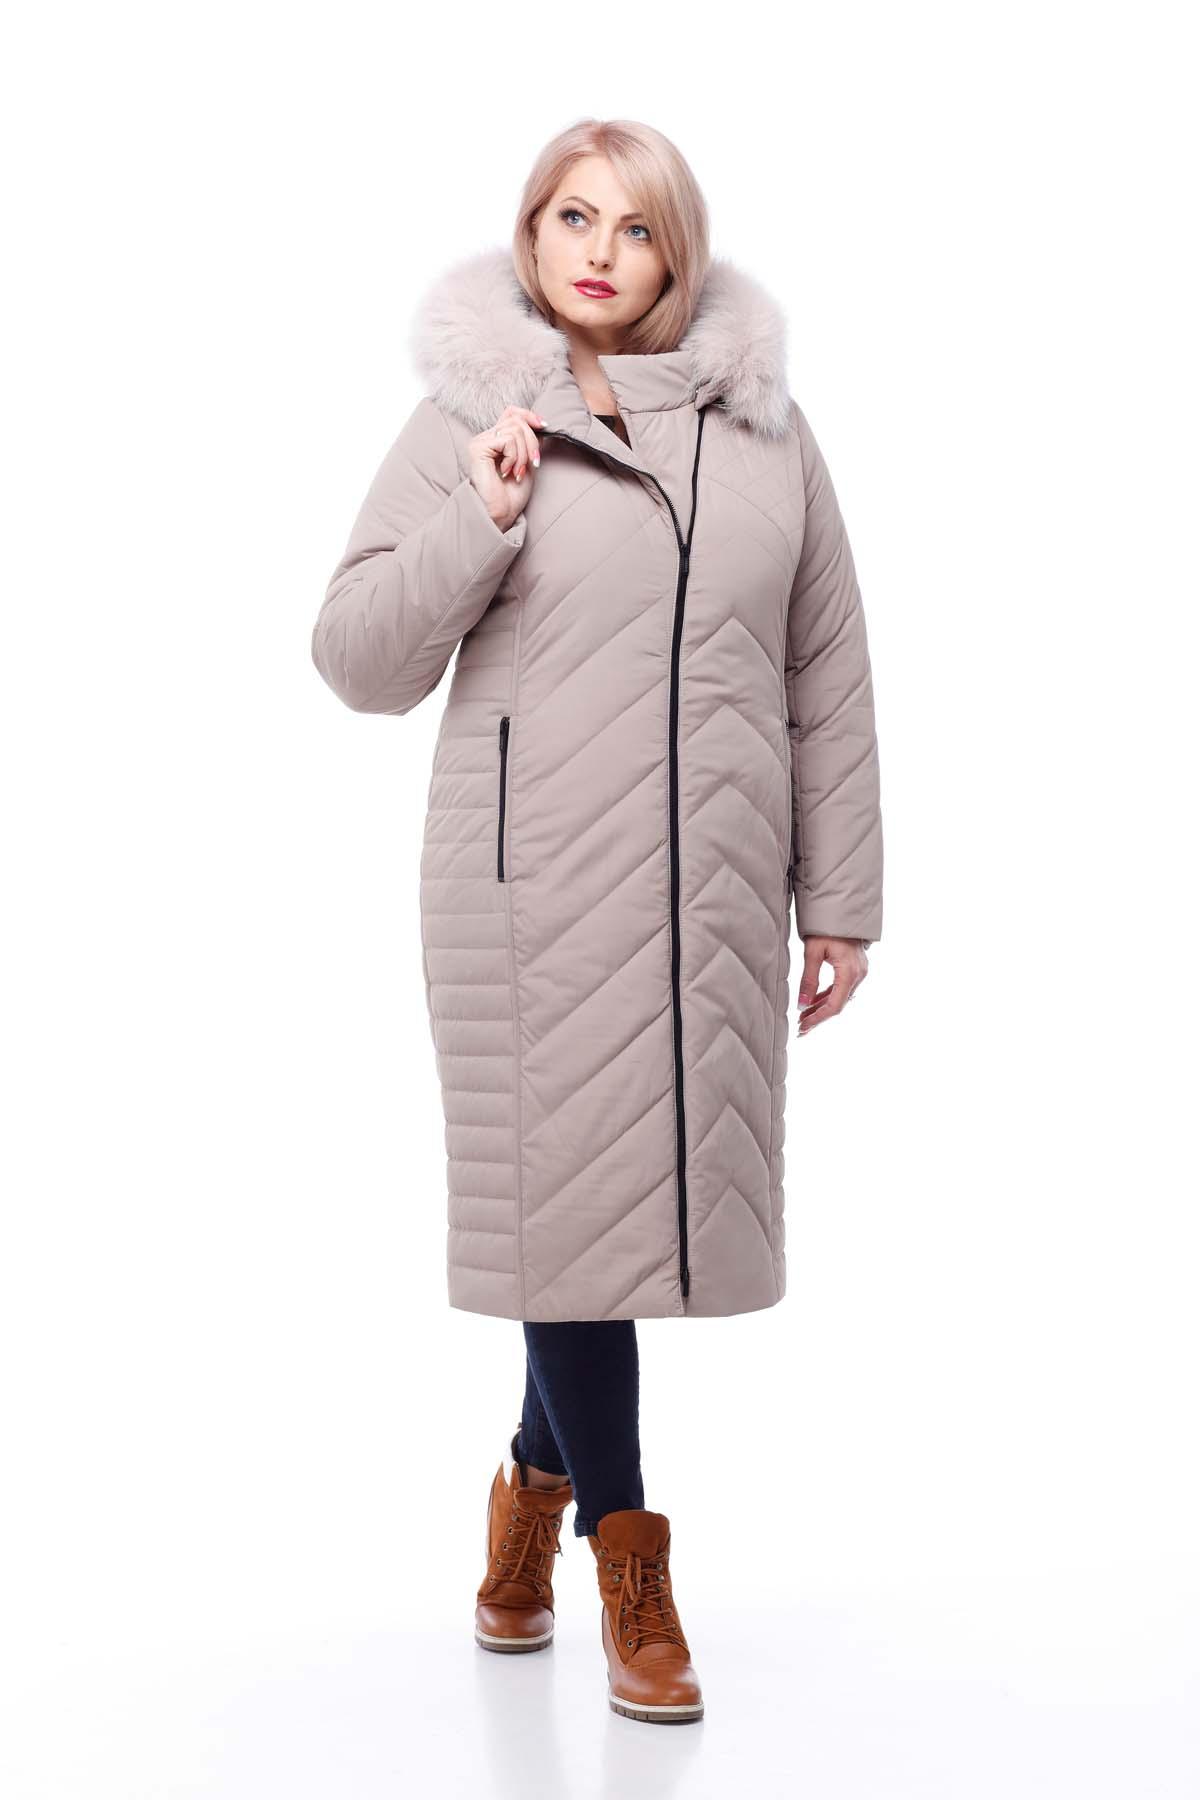 Зимове пальто Міра песець латте